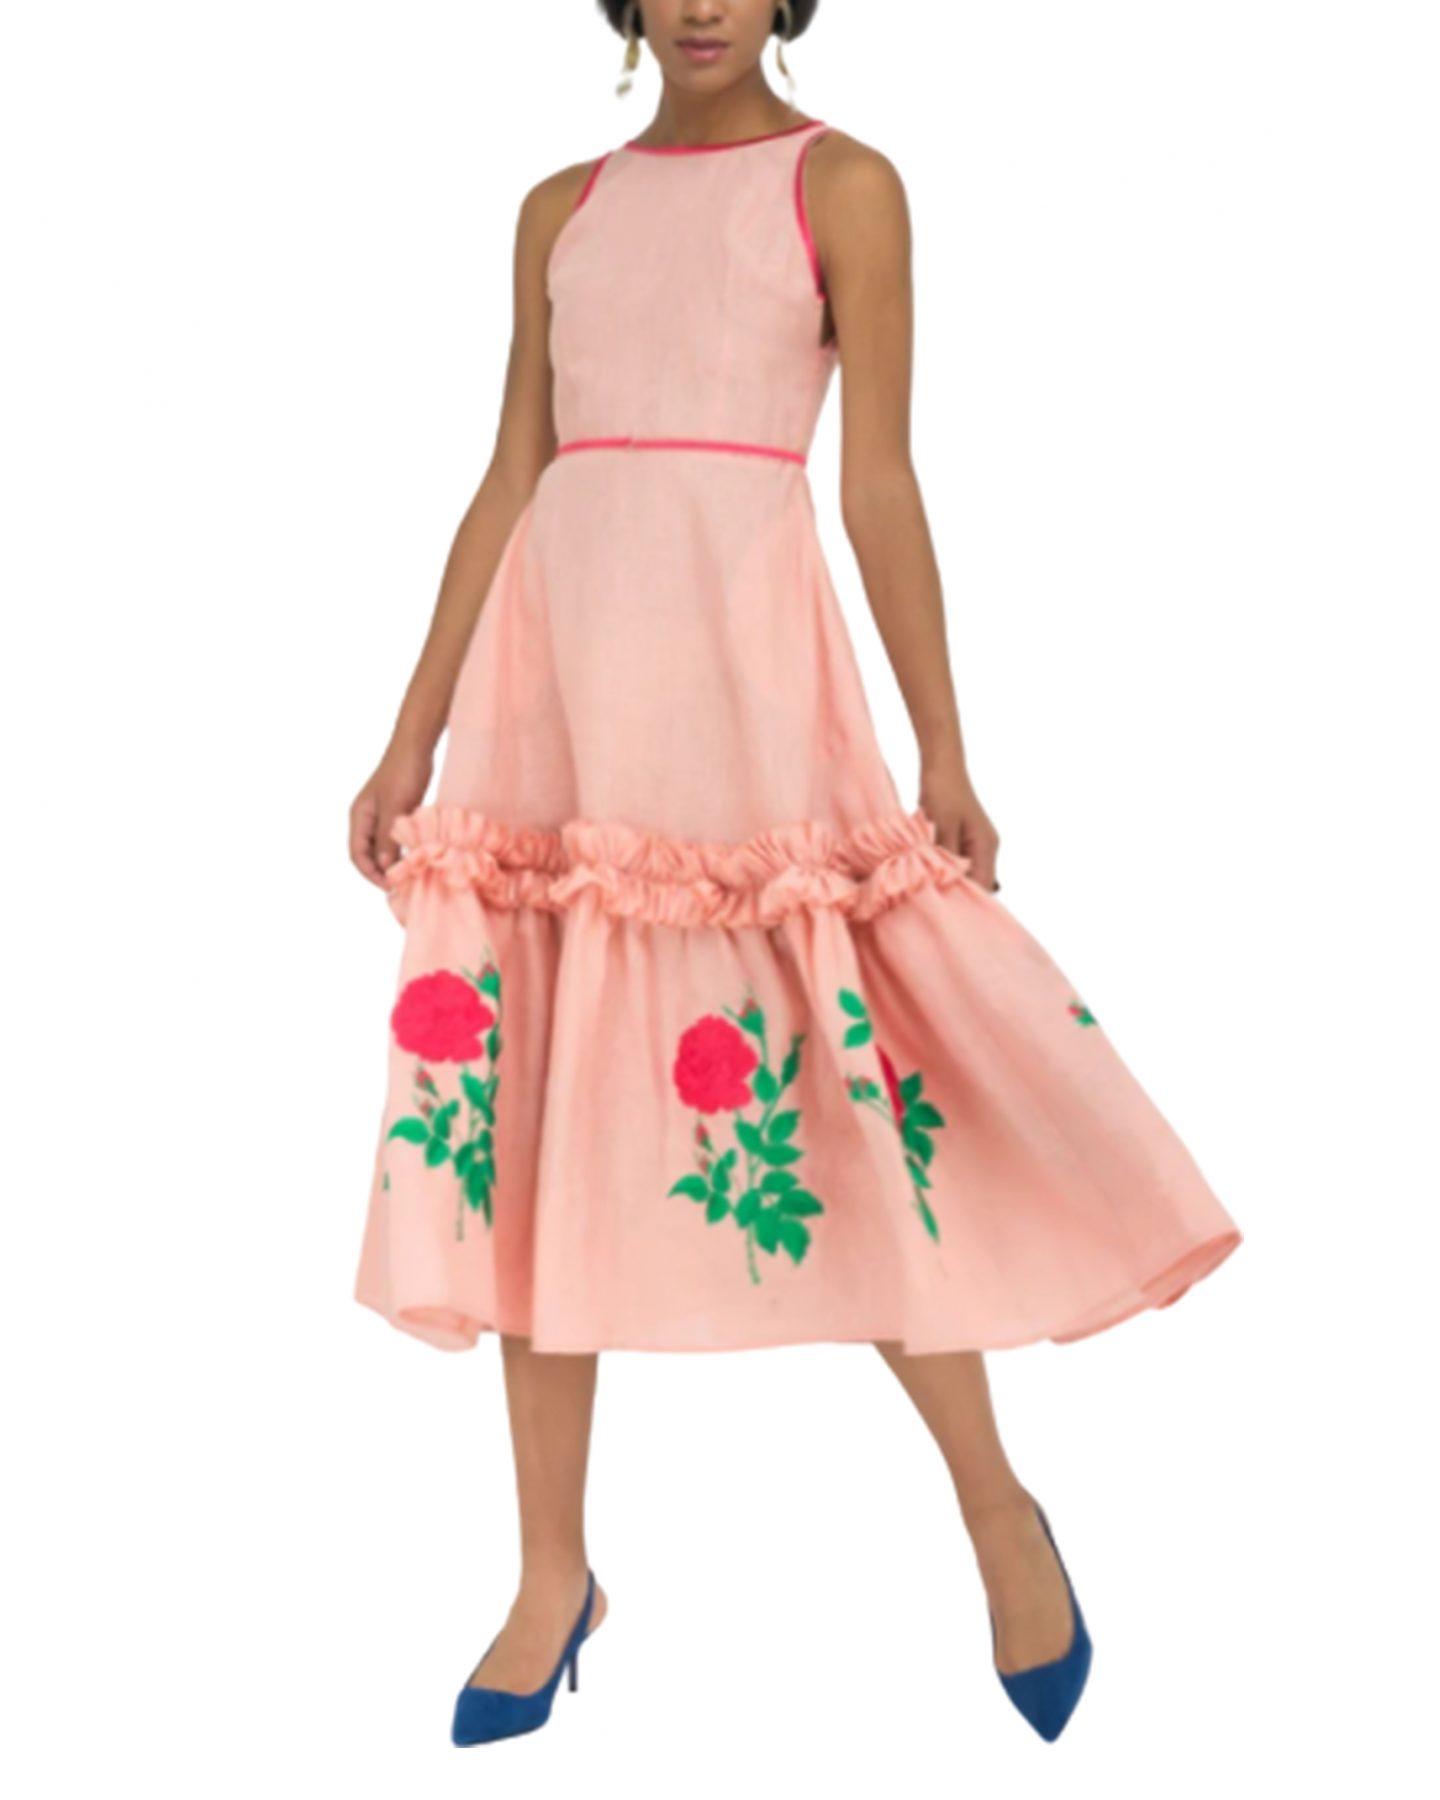 Fanm Mon pink rose dress